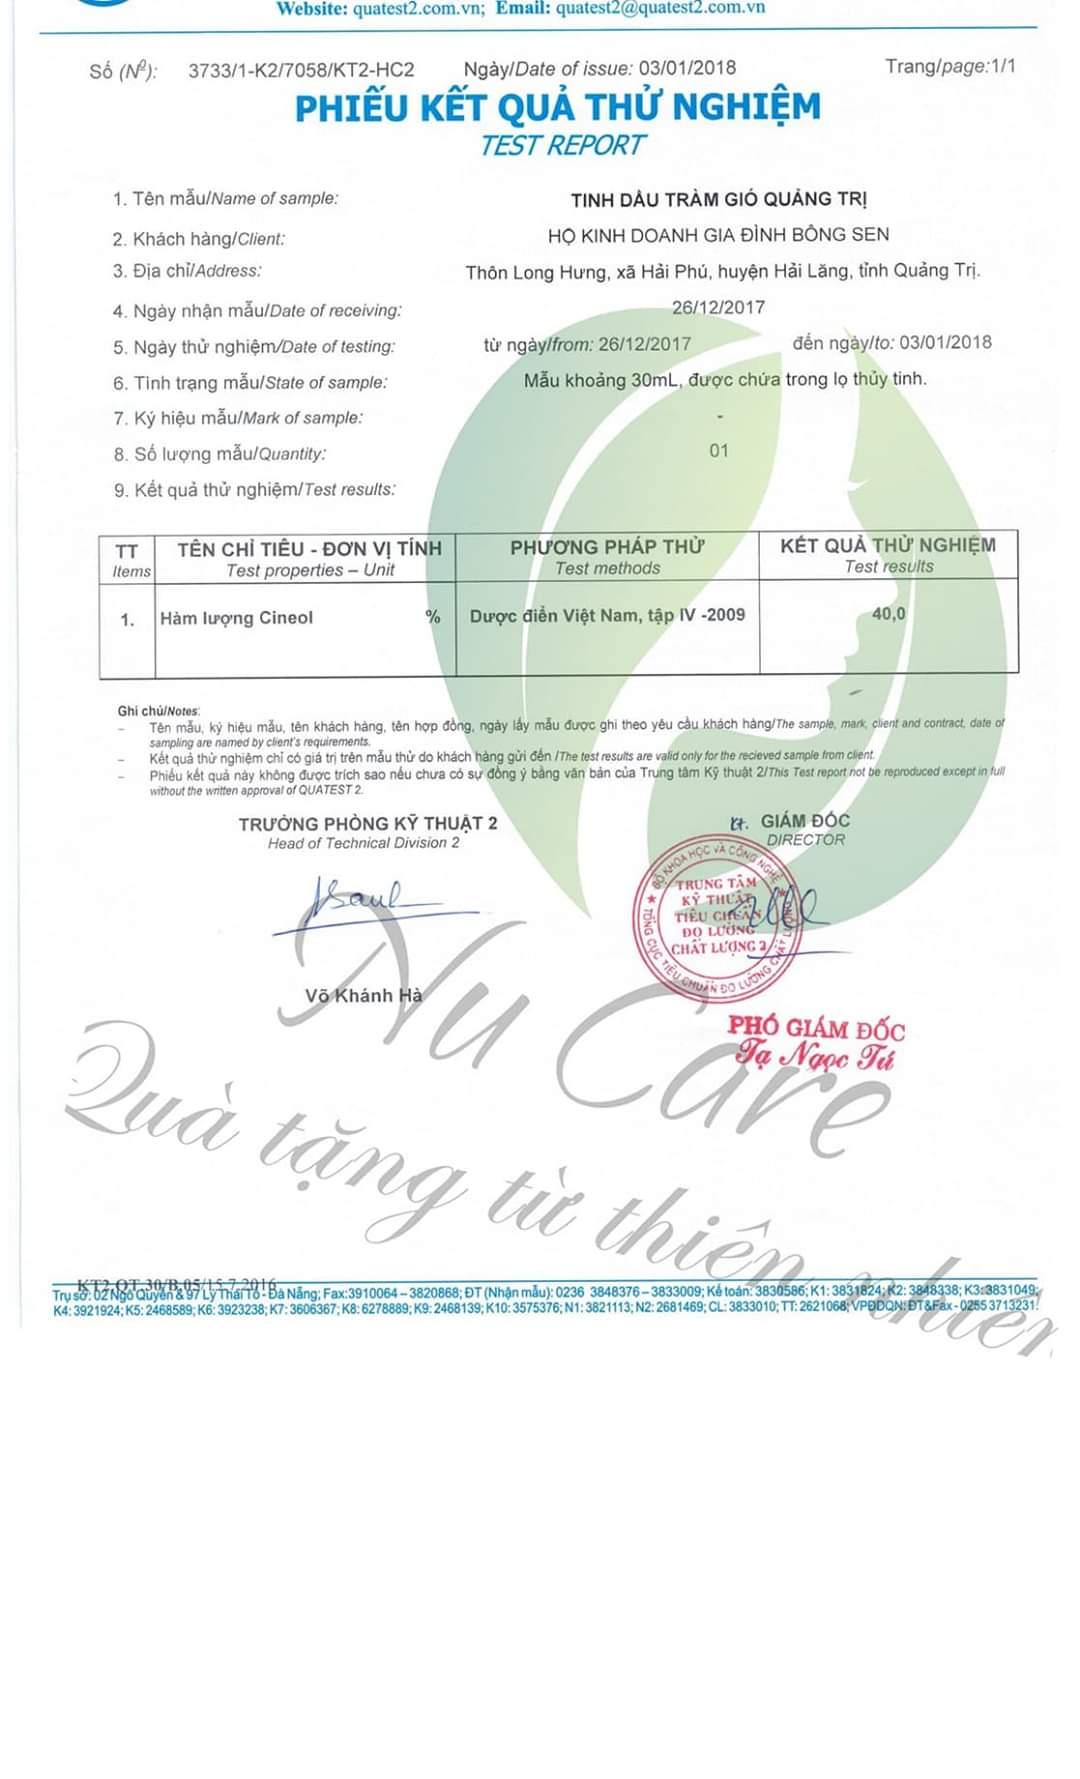 Tinh Dầu Tràm Ngâm Hoa Ném Nucare (Có phiếu kiểm định chất lượng) 2